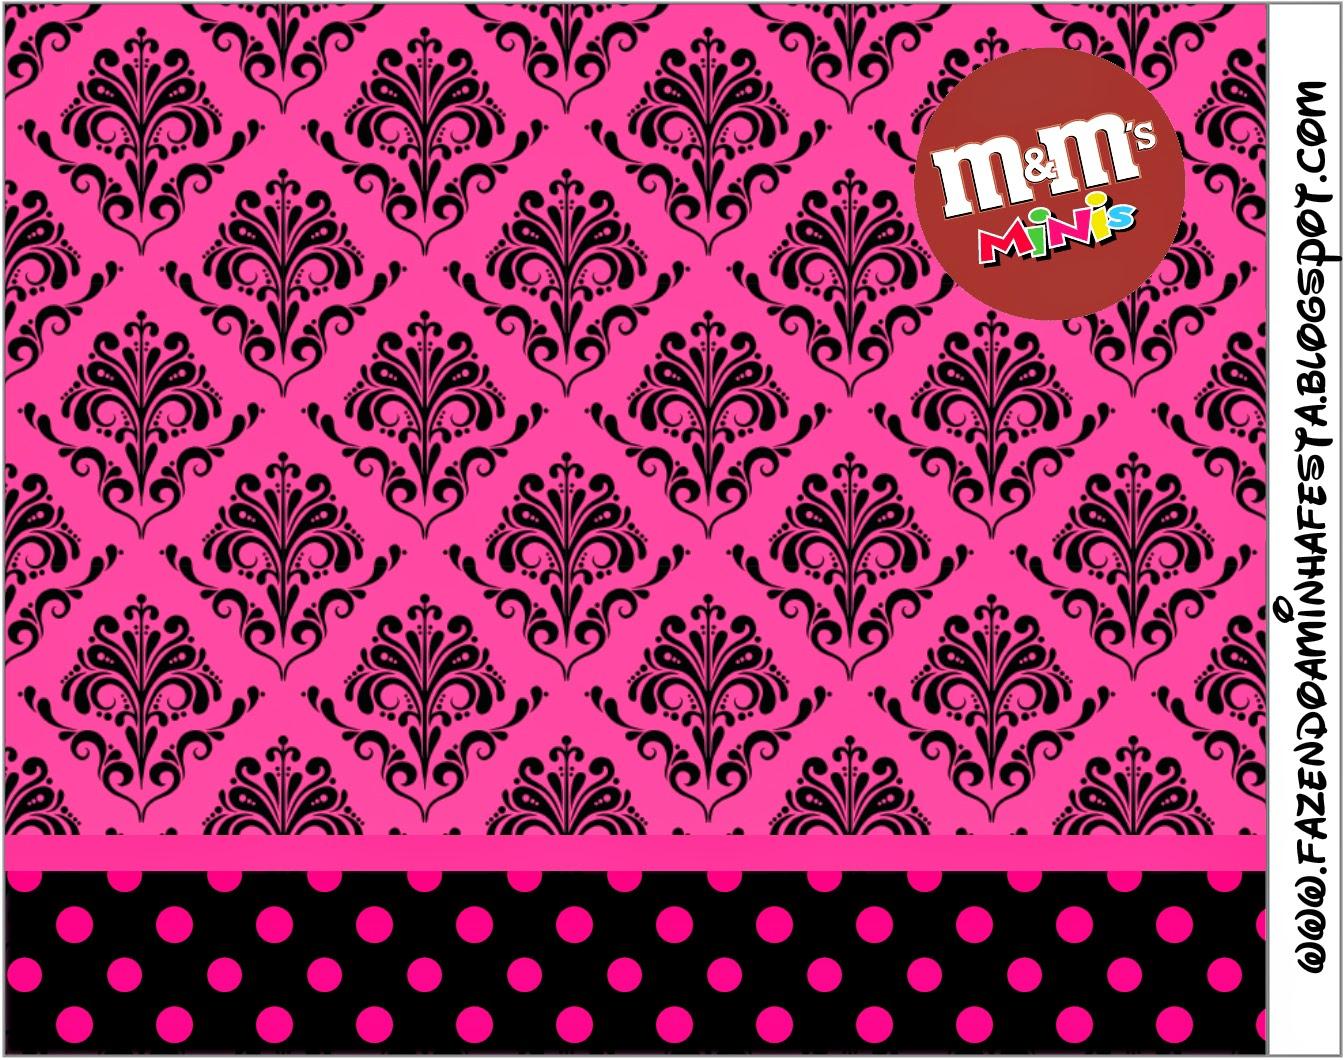 Etiqueta para M & Ms.